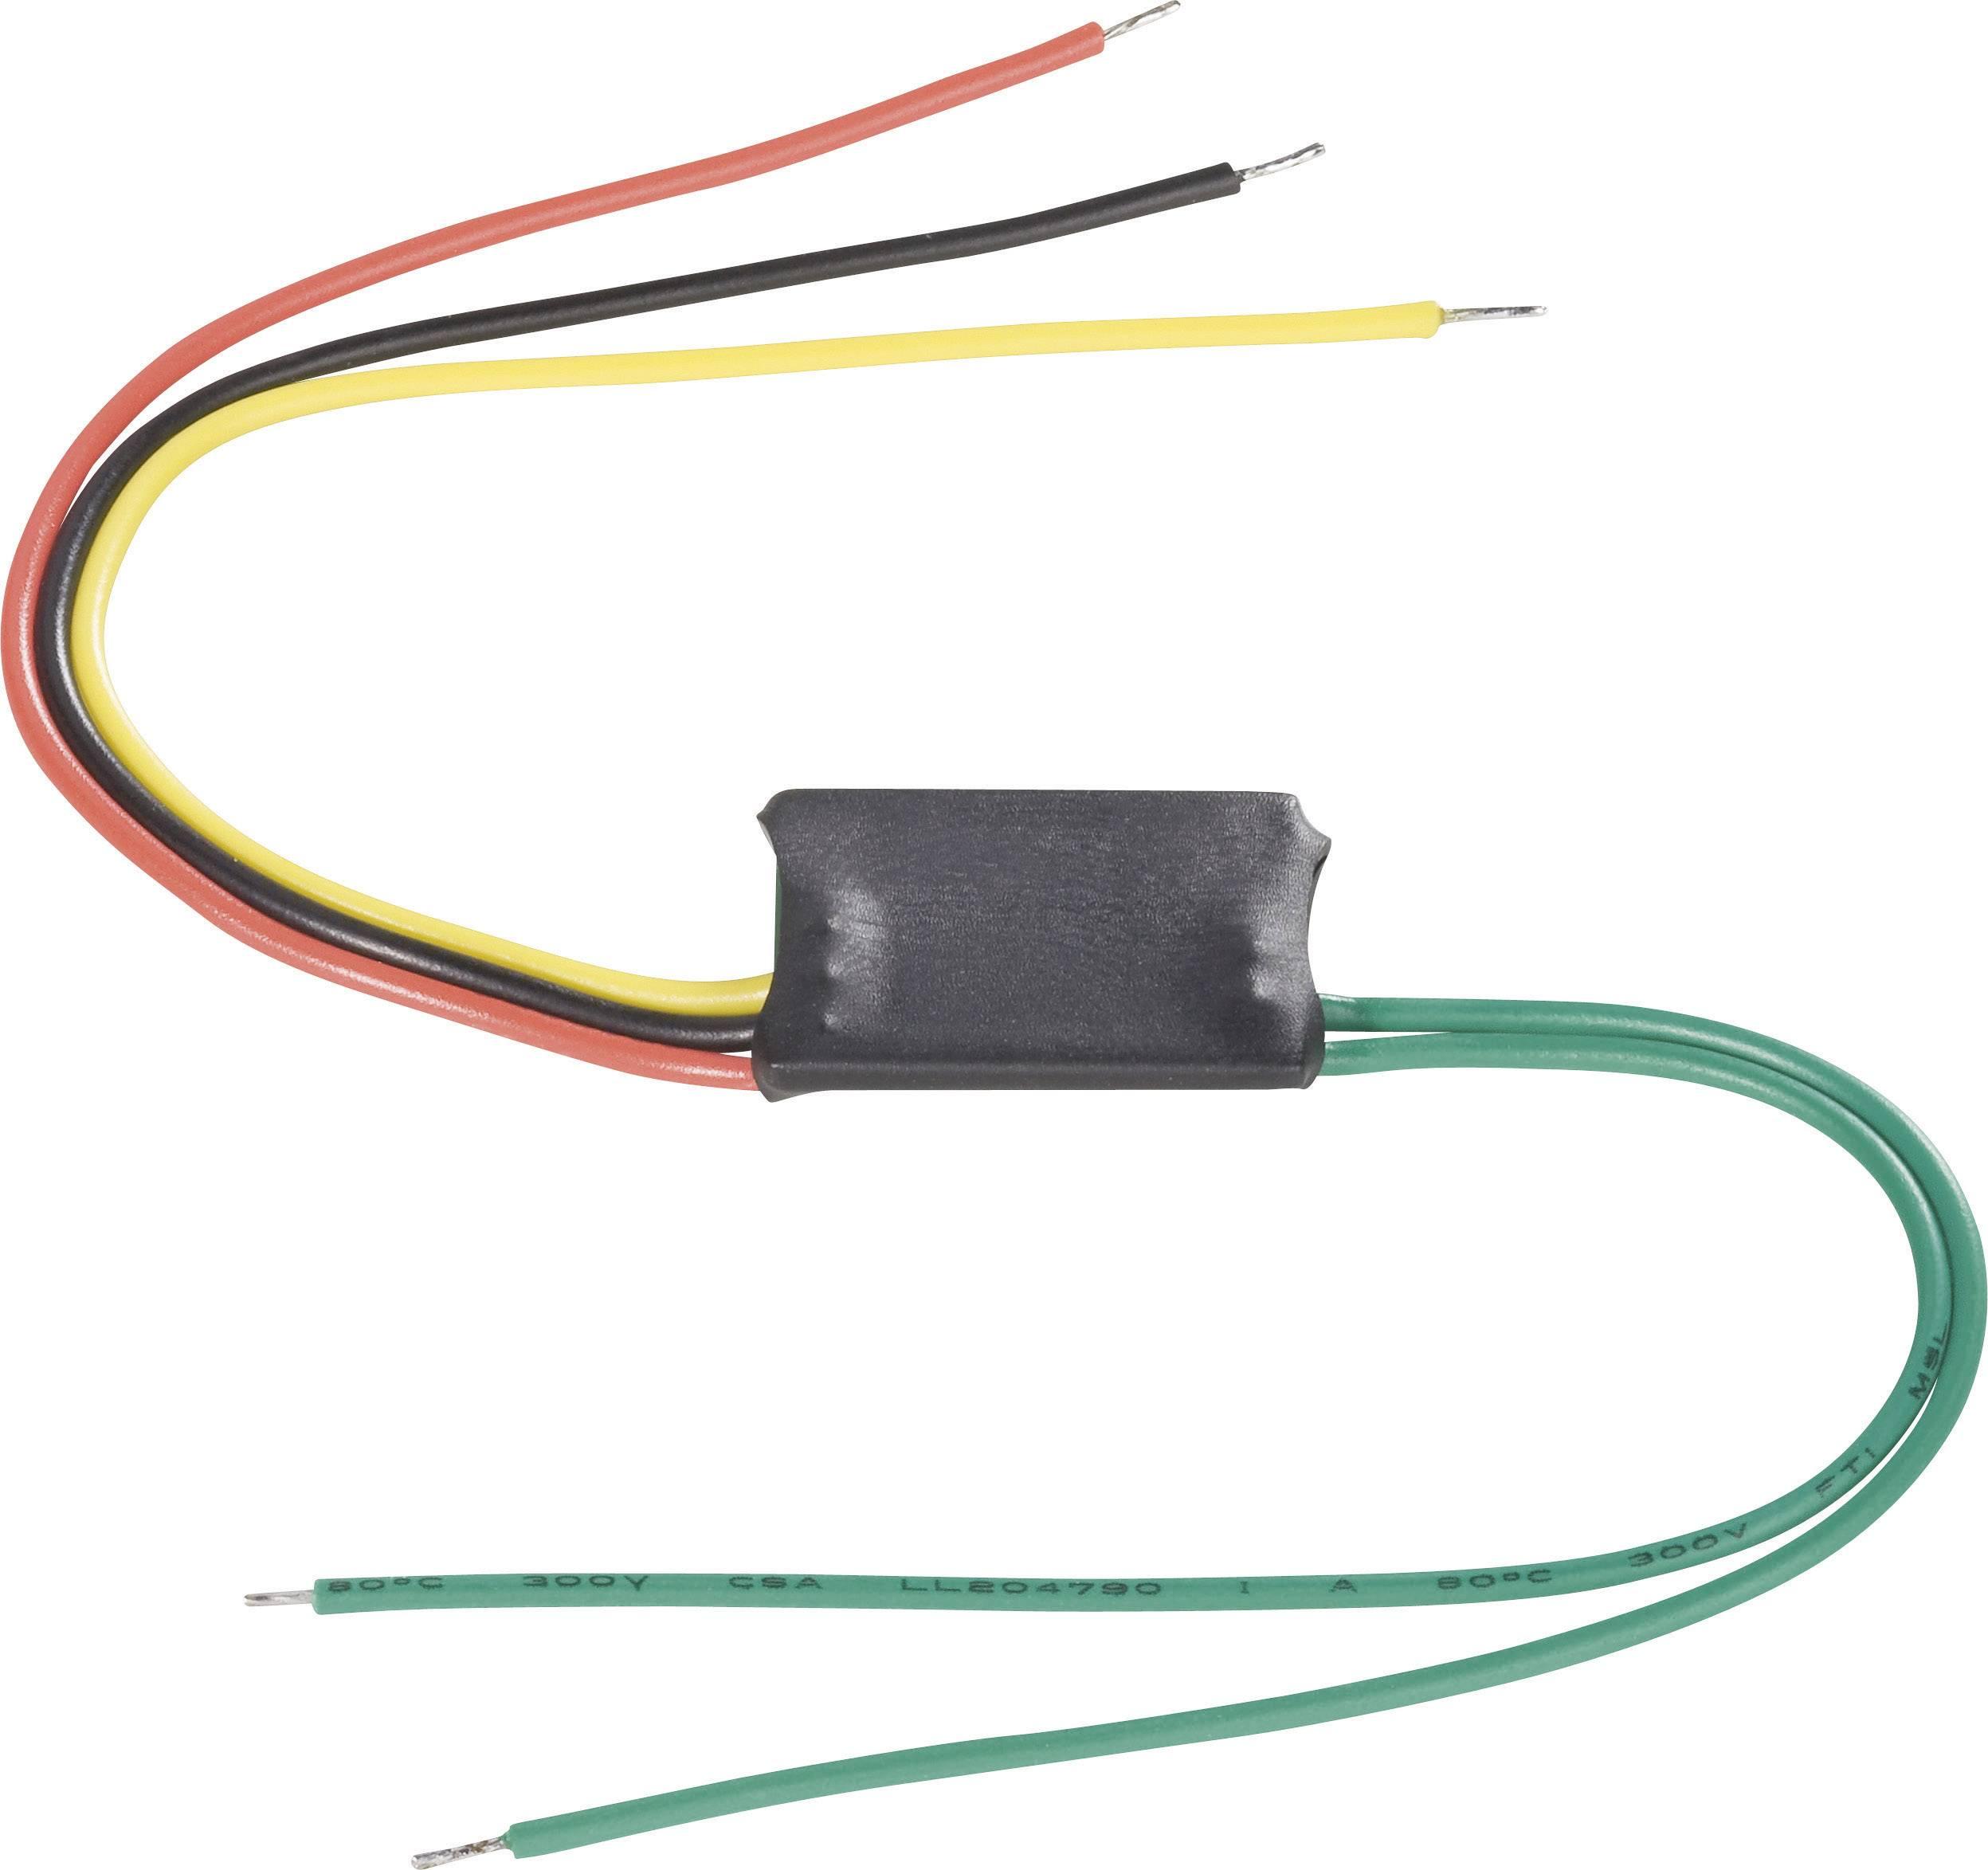 Frekvenční měnič, 35 V, 1,5 A, kabel bez konektorů, 1x vyp/zap